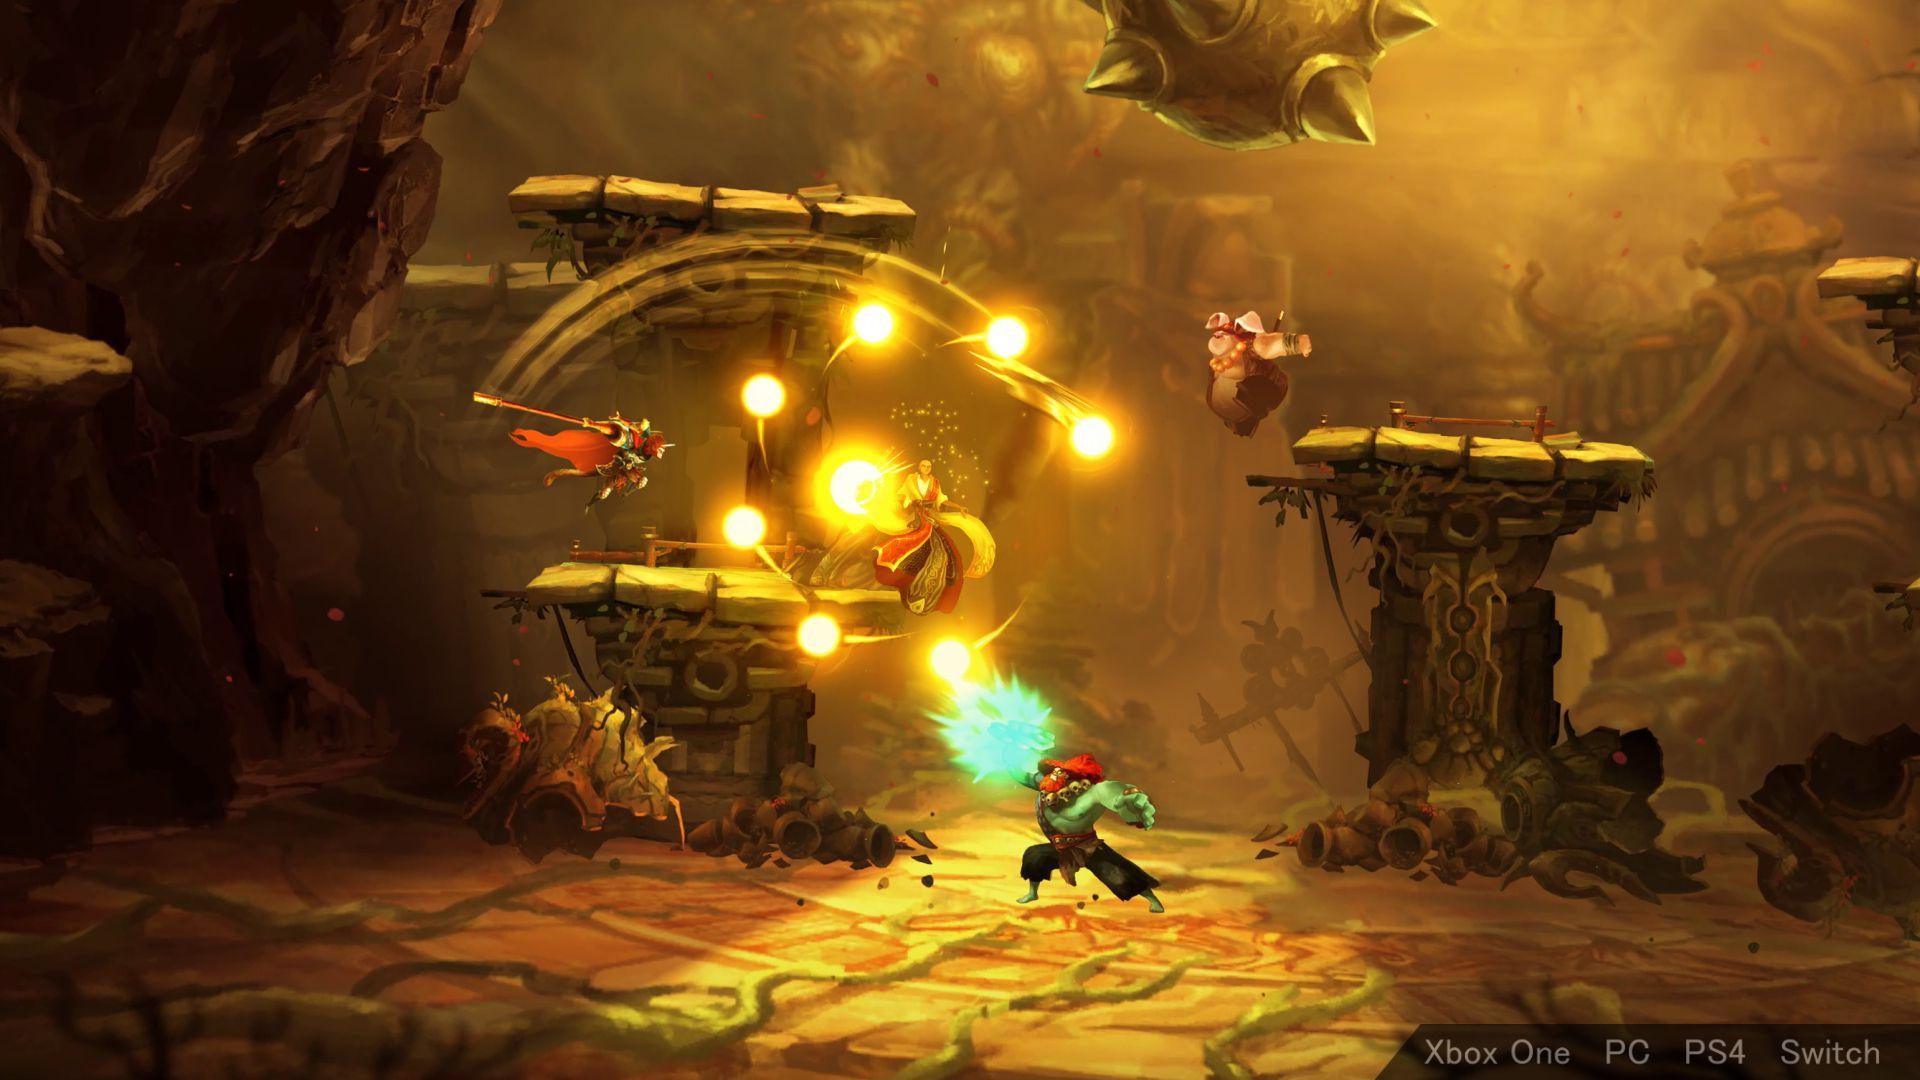 Tour D Horizon Des Prochains Jeux Independants Sur Xbox One Gamekult